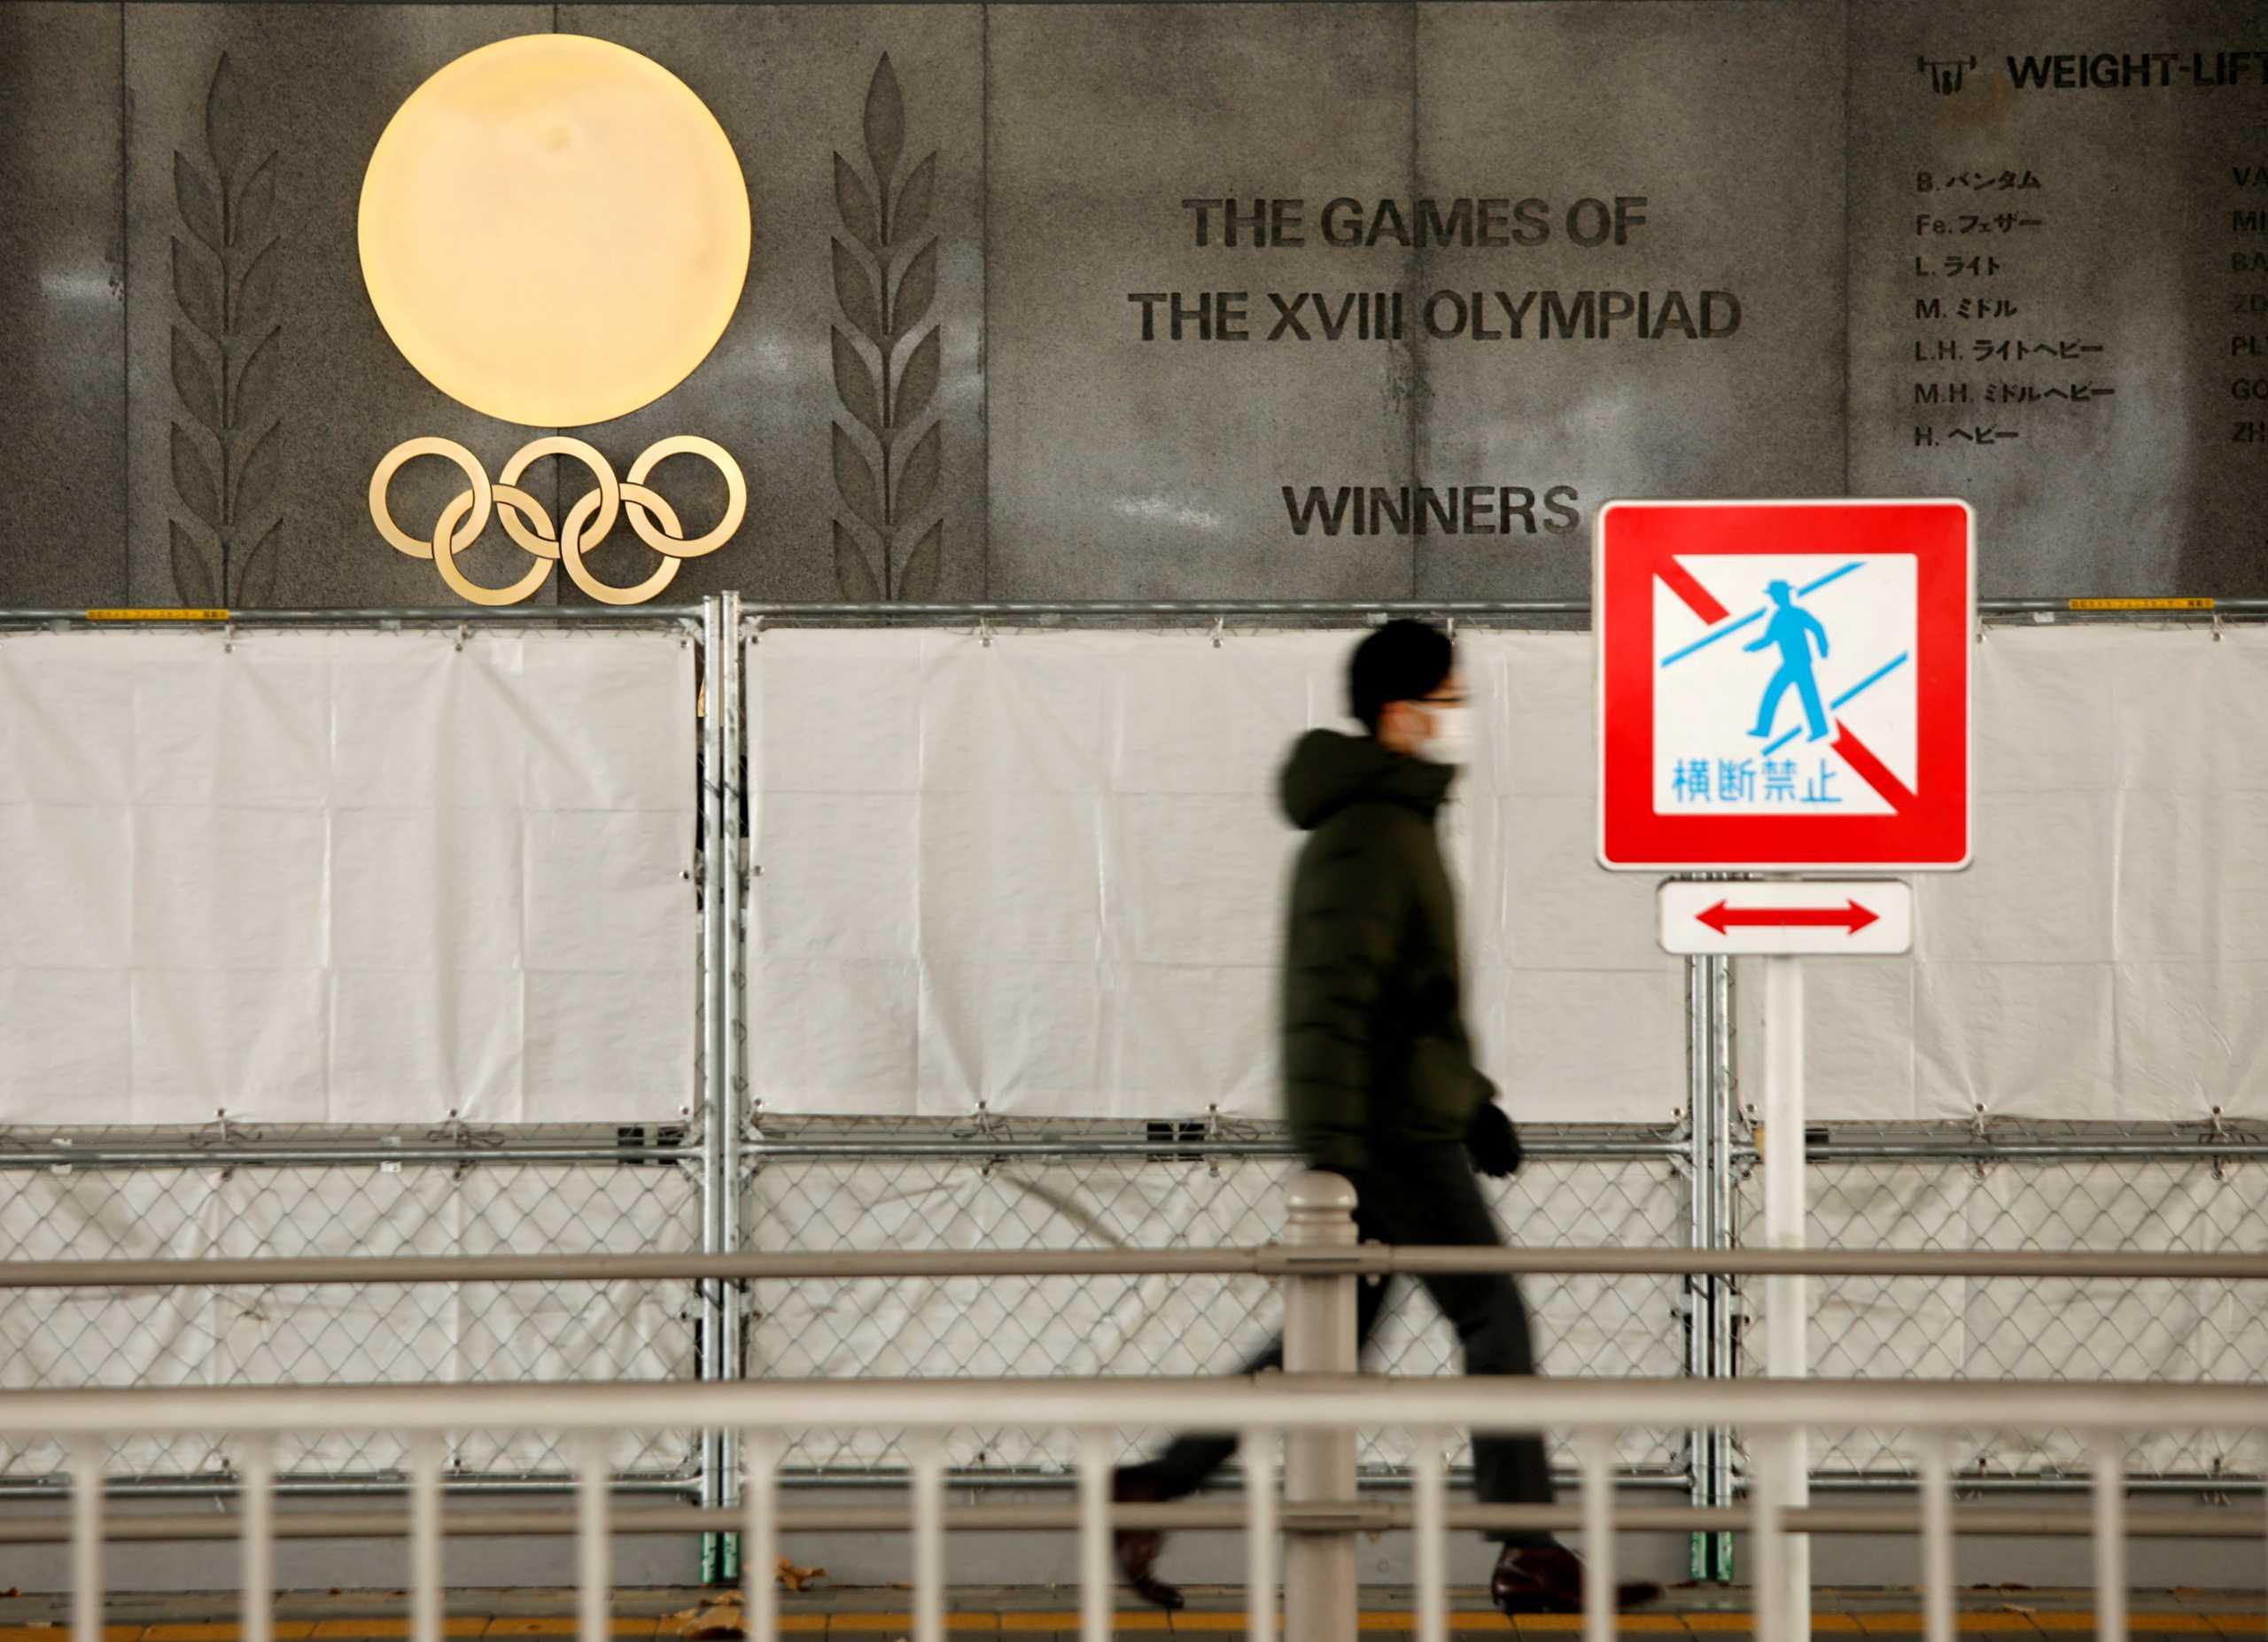 Ολυμπιακοί Αγώνες: Σάλος με δημοσίευμα πως η Ιαπωνία αποφάσισε να τους ακυρώσει